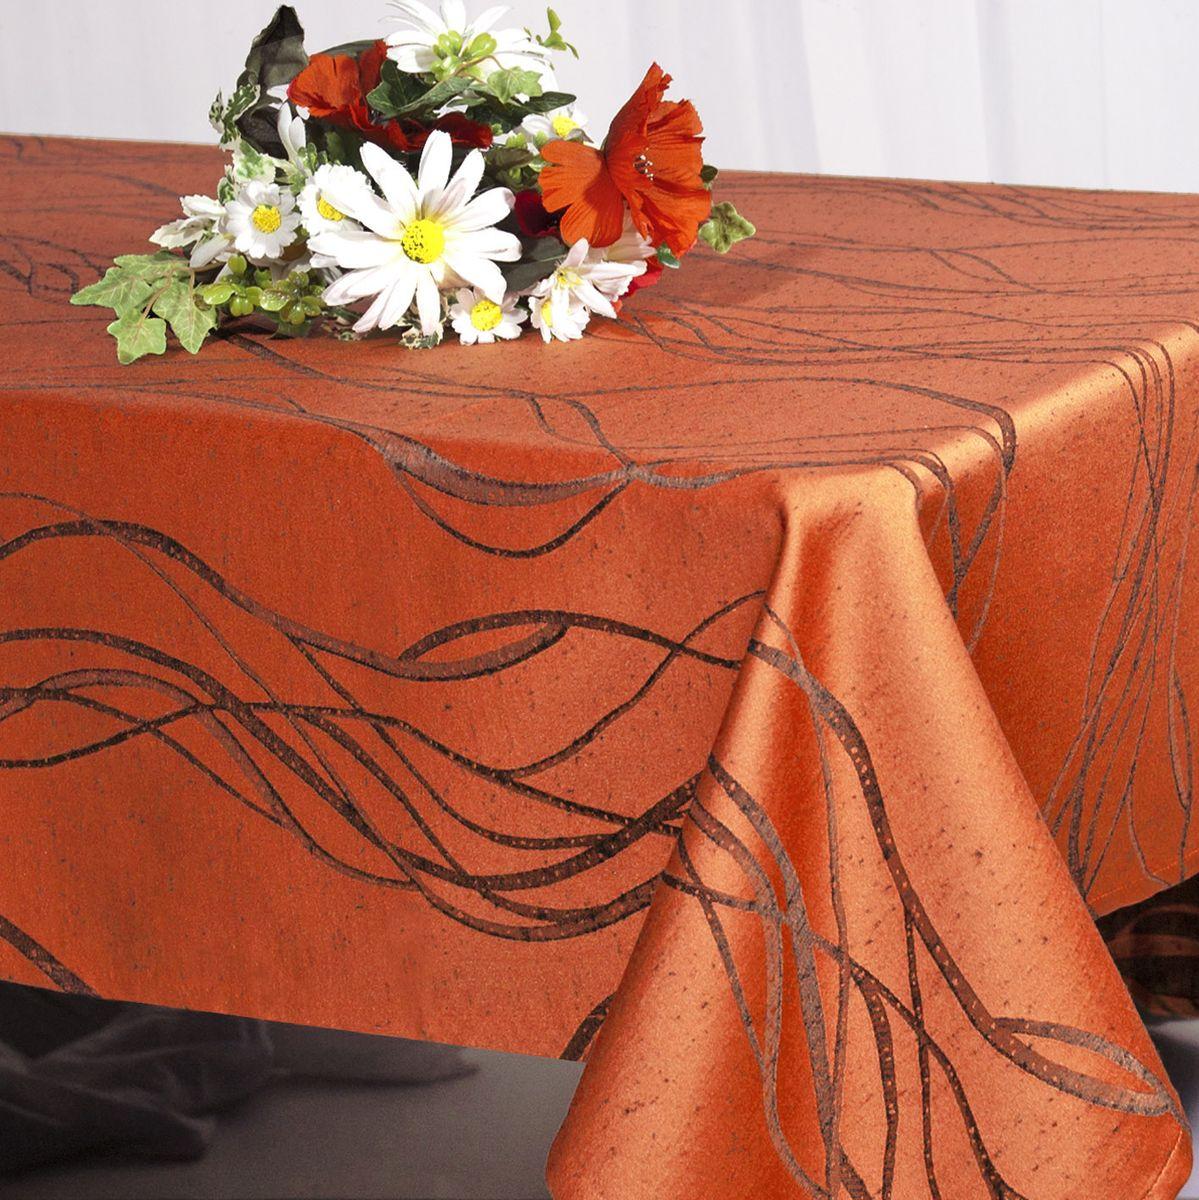 Скатерть Schaefer, прямоугольная, цвет: коричнево-красный, 140 х 170 см. 06929-4301004900000360Стильная скатерть Schaefer выполнена из полиэстера.Изделия из полиэстера легко стирать: они не мнутся, не садятся и быстро сохнут, они более долговечны, чем изделия из натуральных волокон.Немецкая компания Schaefer создана в 1921 году. На протяжении всего времени существования она создает уникальные коллекции домашнего текстиля для гостиных, спален, кухонь и ванных комнат. Дизайнерские идеи немецких художников компании Schaefer воплощаются в текстильных изделиях, которые сделают ваш дом красивее и уютнее и не останутся незамеченными вашими гостями. Дарите себе и близким красоту каждый день!